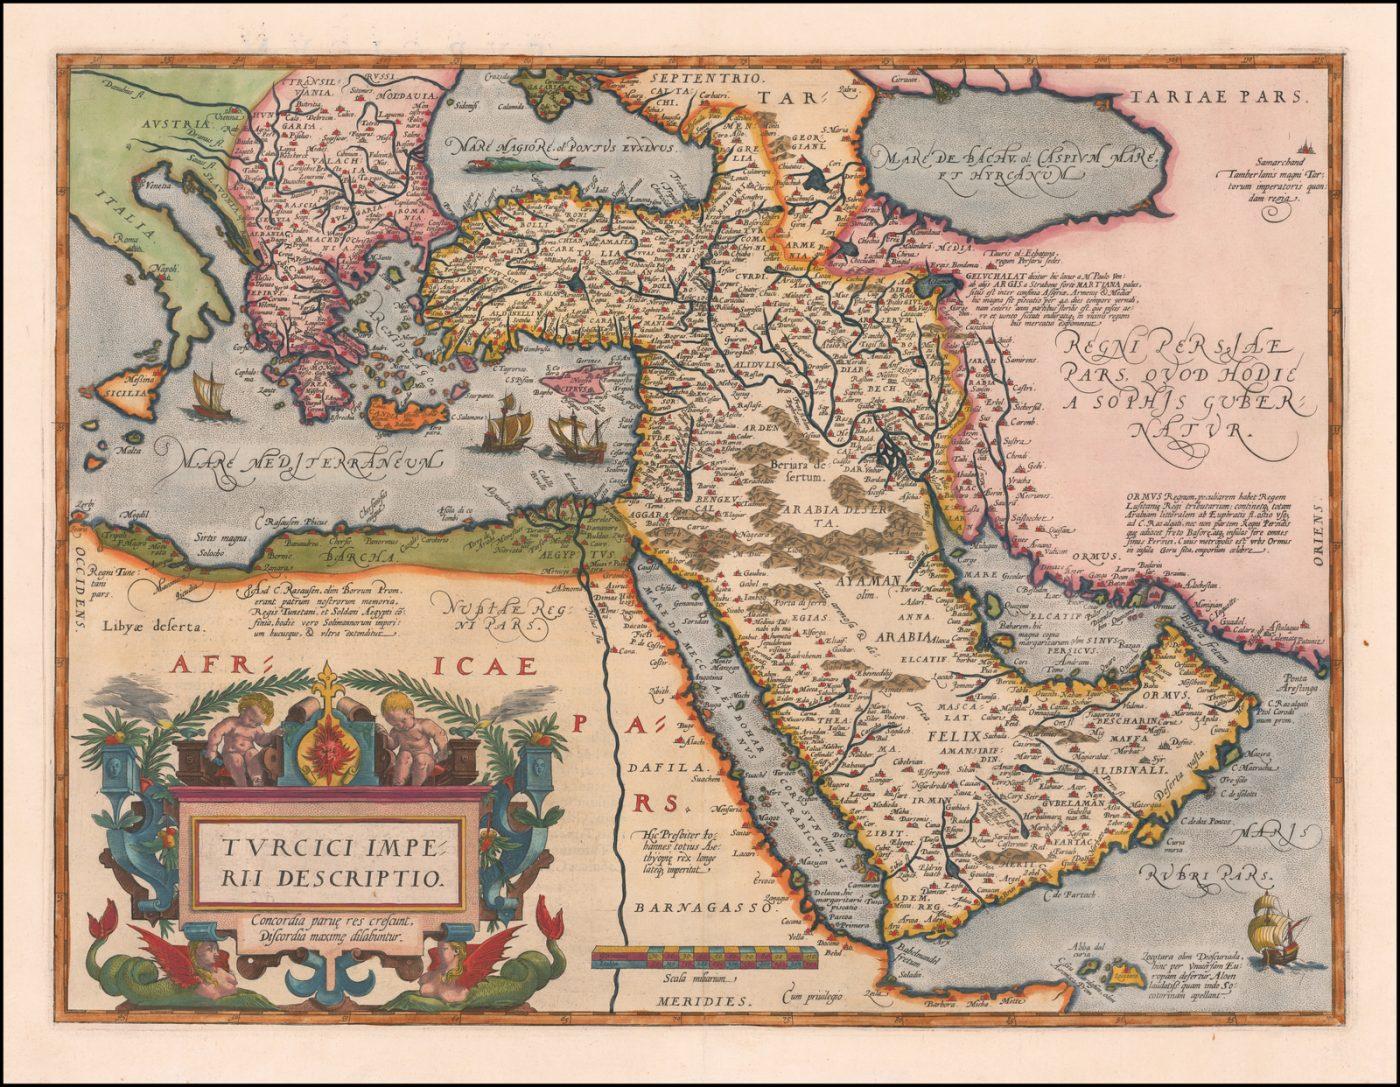 Второе издание карты Ортелиуса Турецкой империи